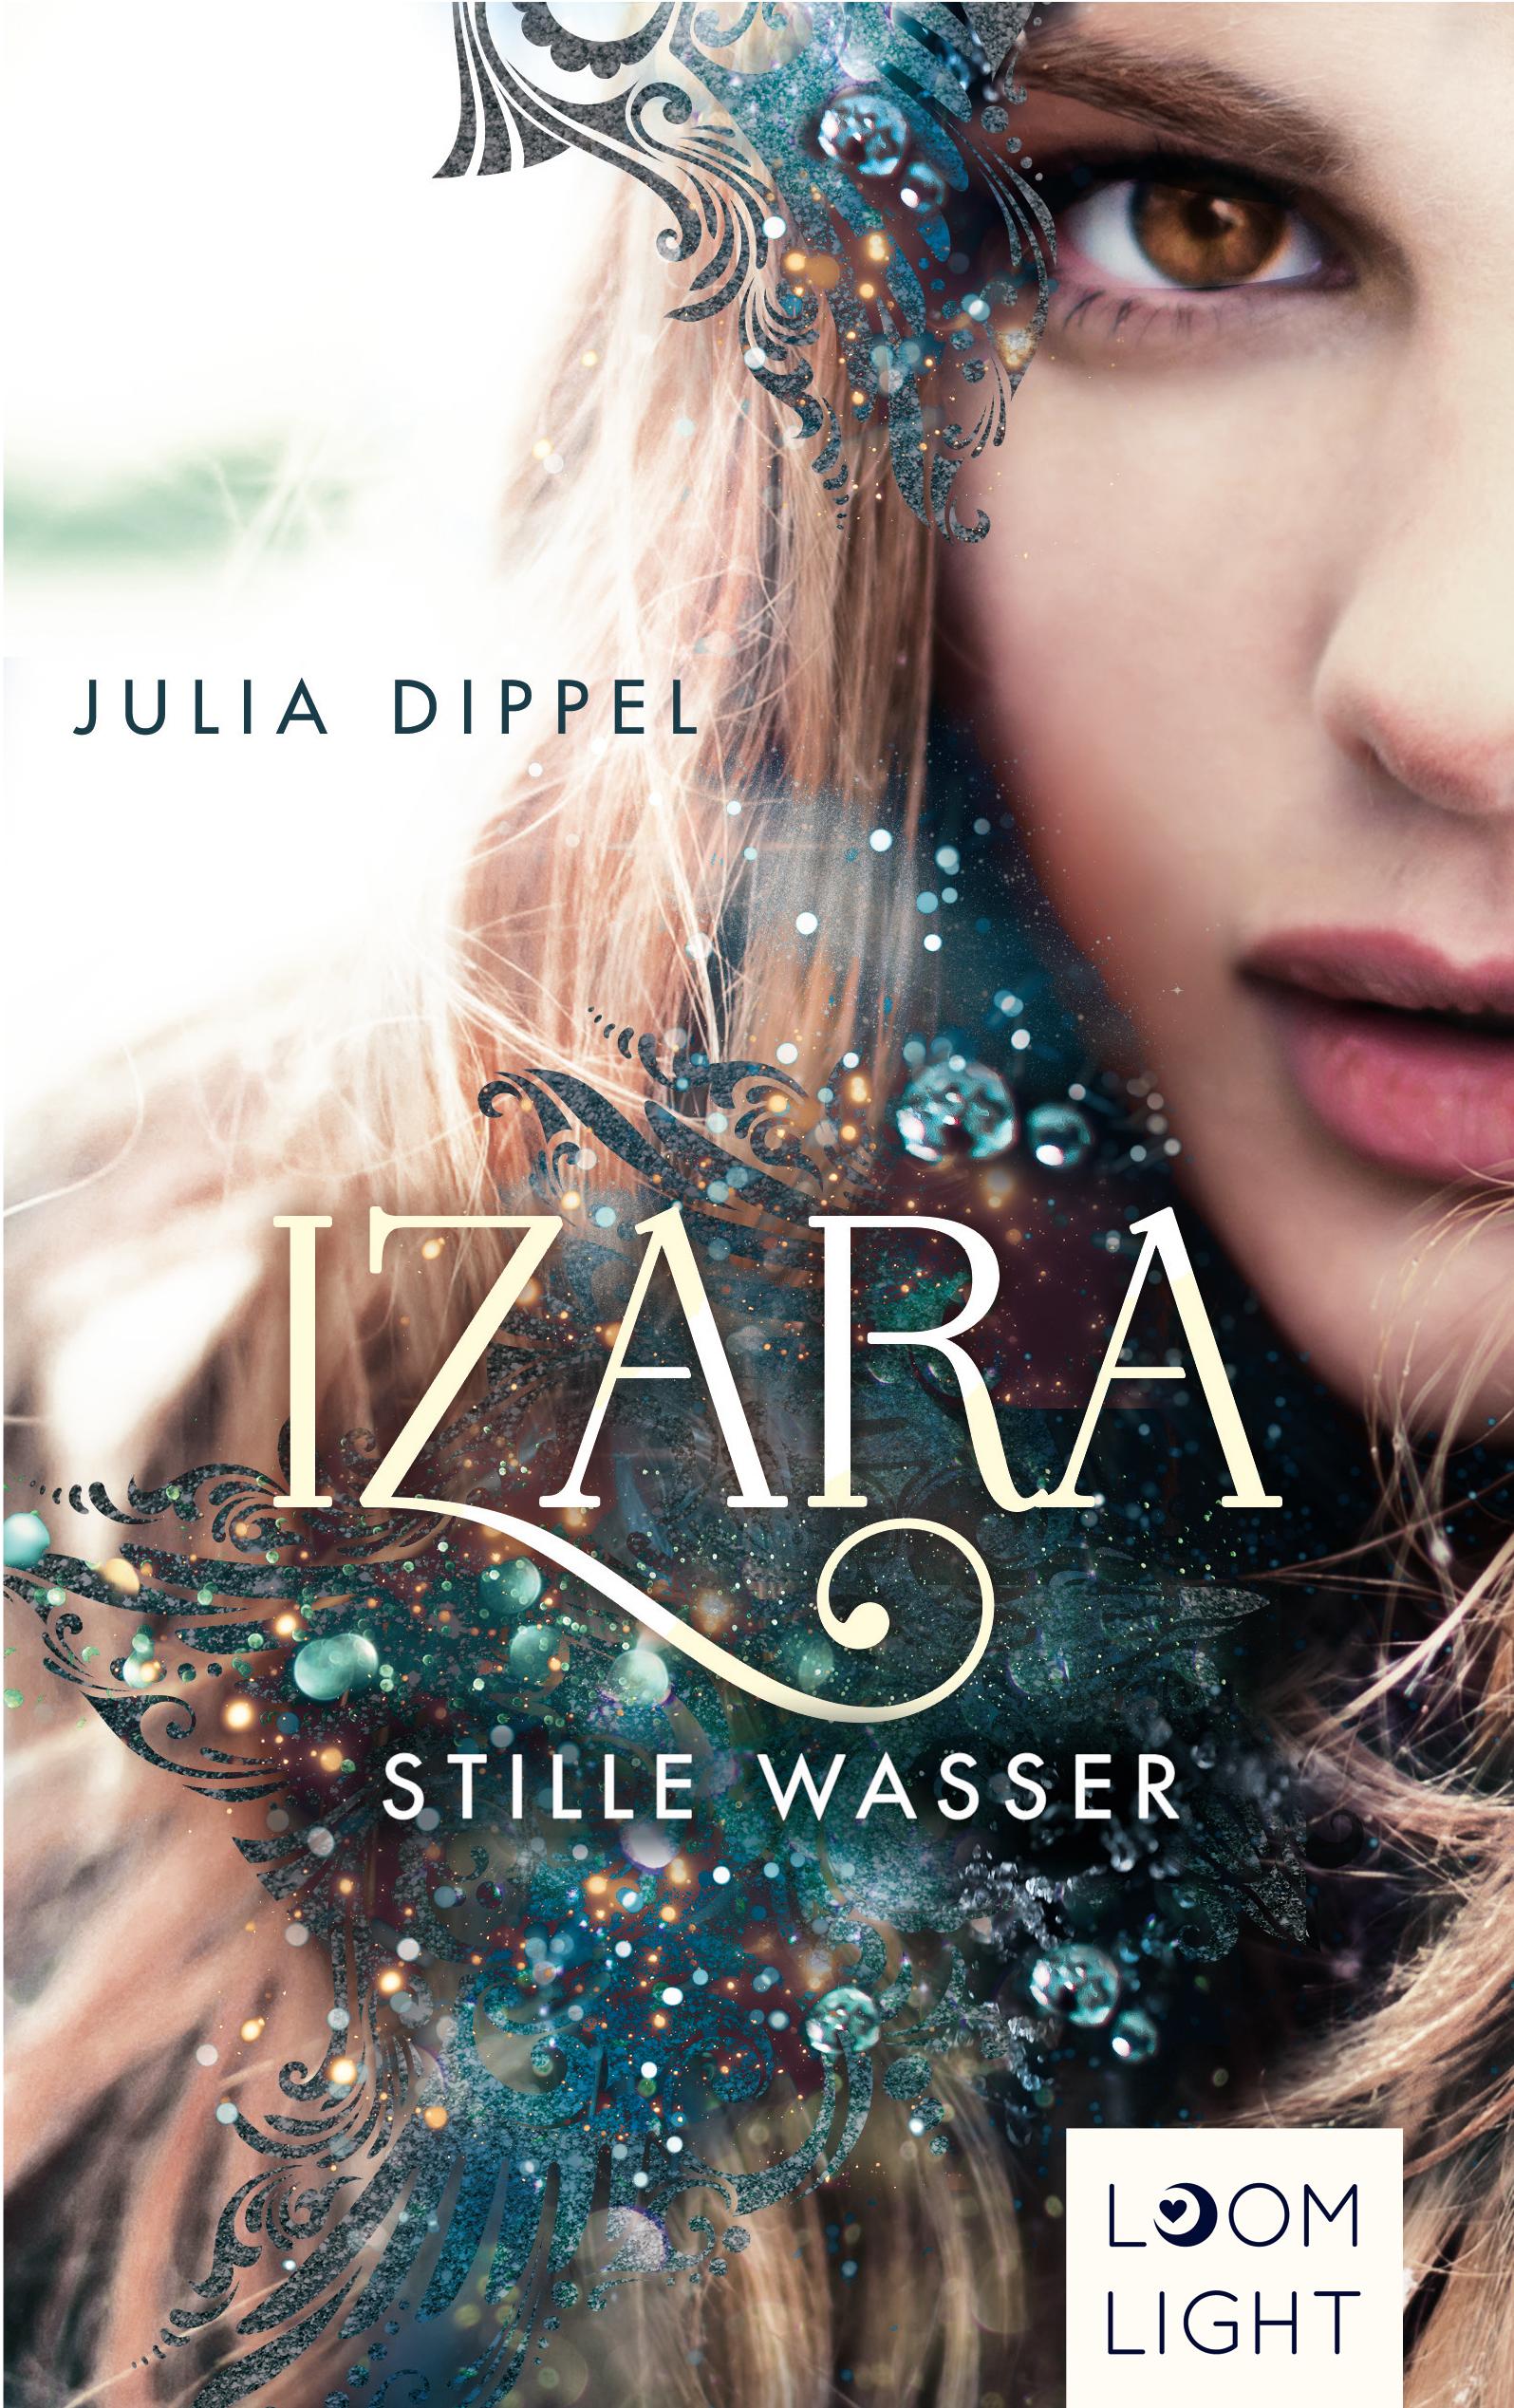 Izara - Stille Wasser von Julia Dippel